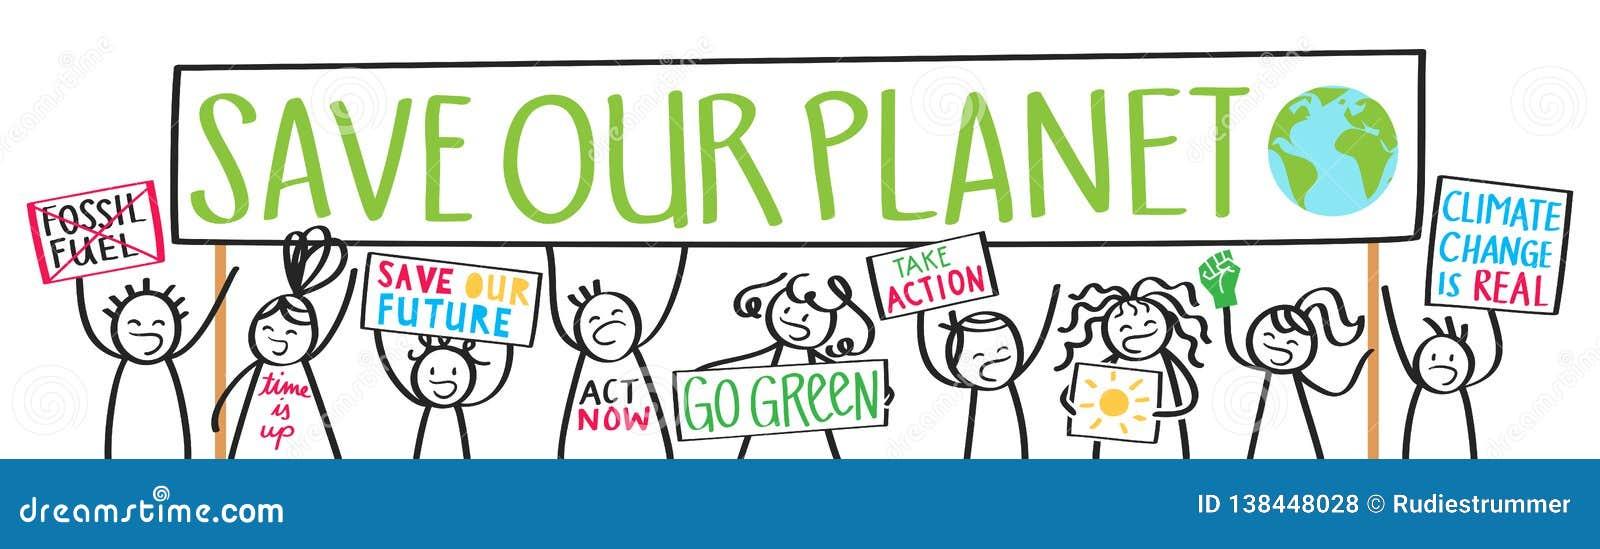 De protesteerders van schooljonge geitjes, klimaatverandering, sparen onze planeet